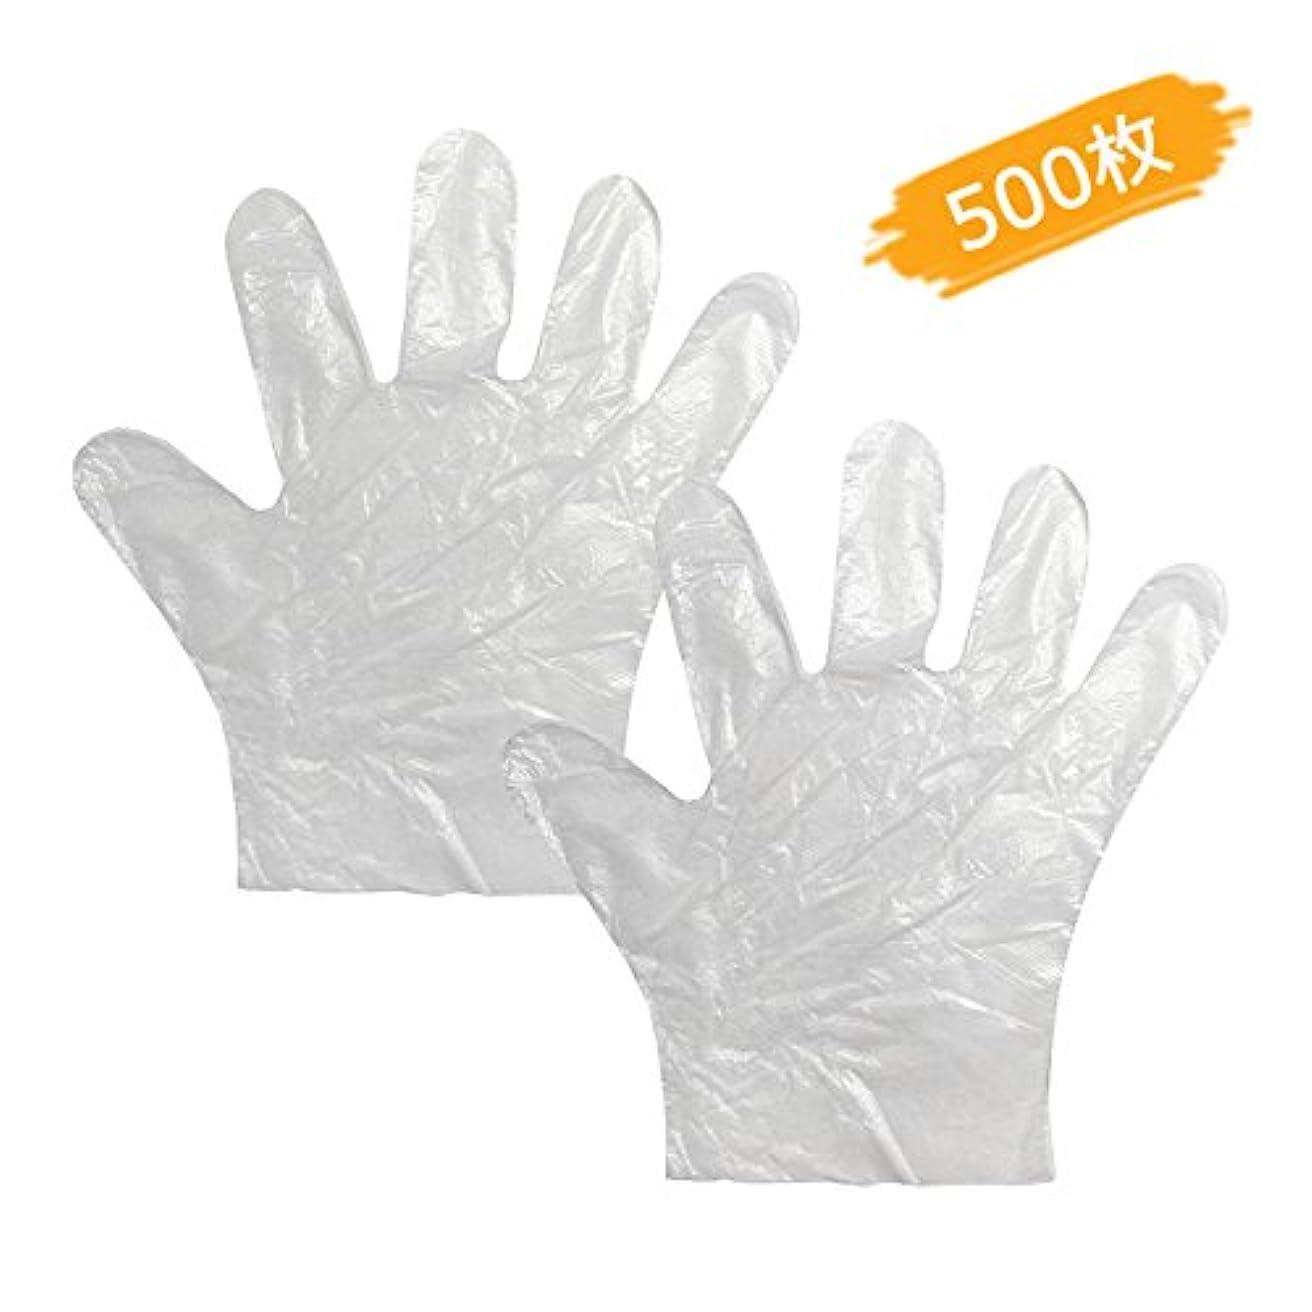 アクセスできない励起リスト使い捨て手袋 極薄ビニール手袋 調理 透明 実用 衛生 500枚入